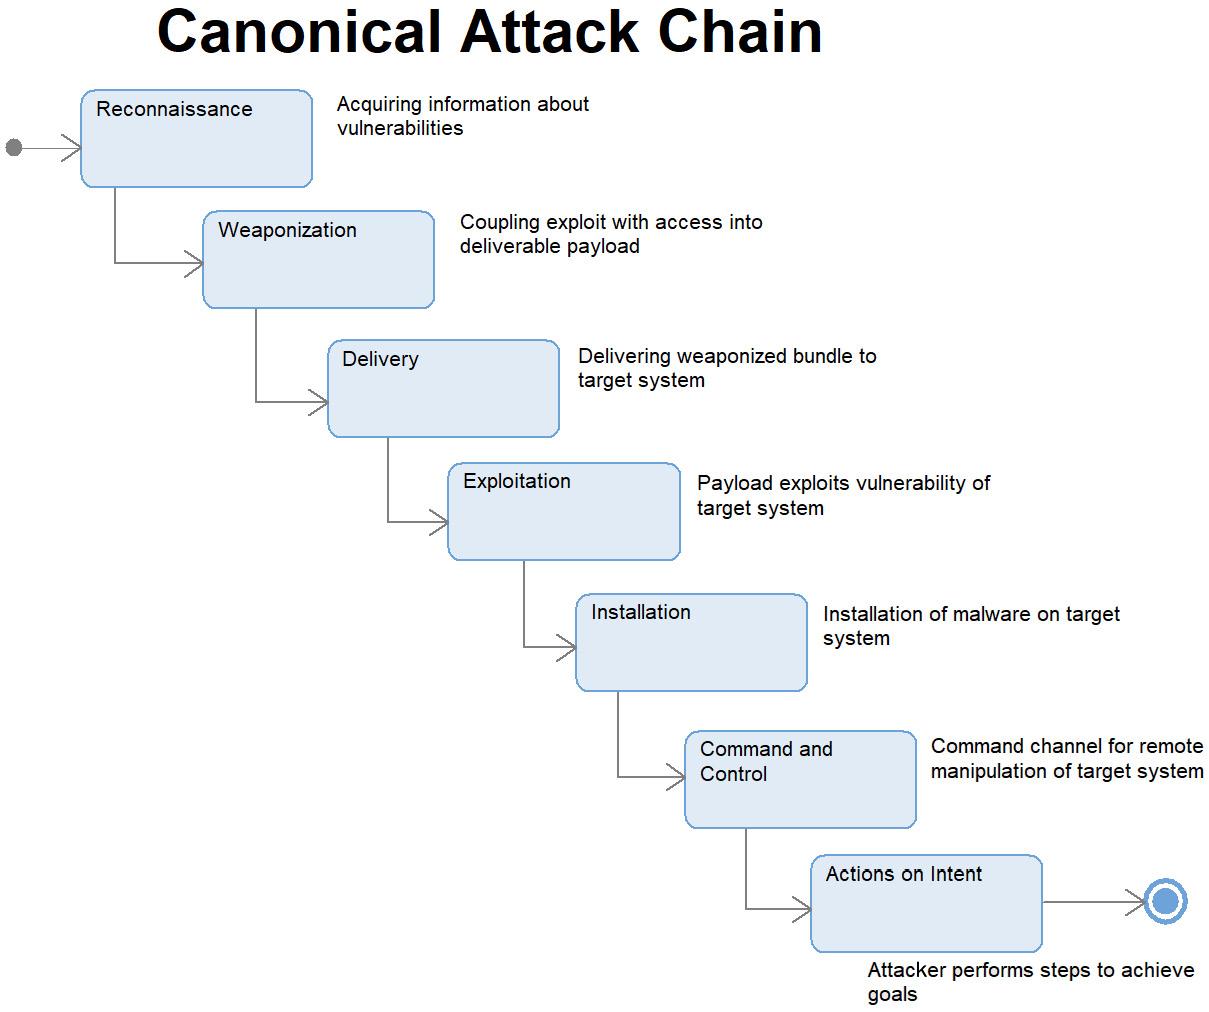 Figure 2.64 – Canonical attack chain